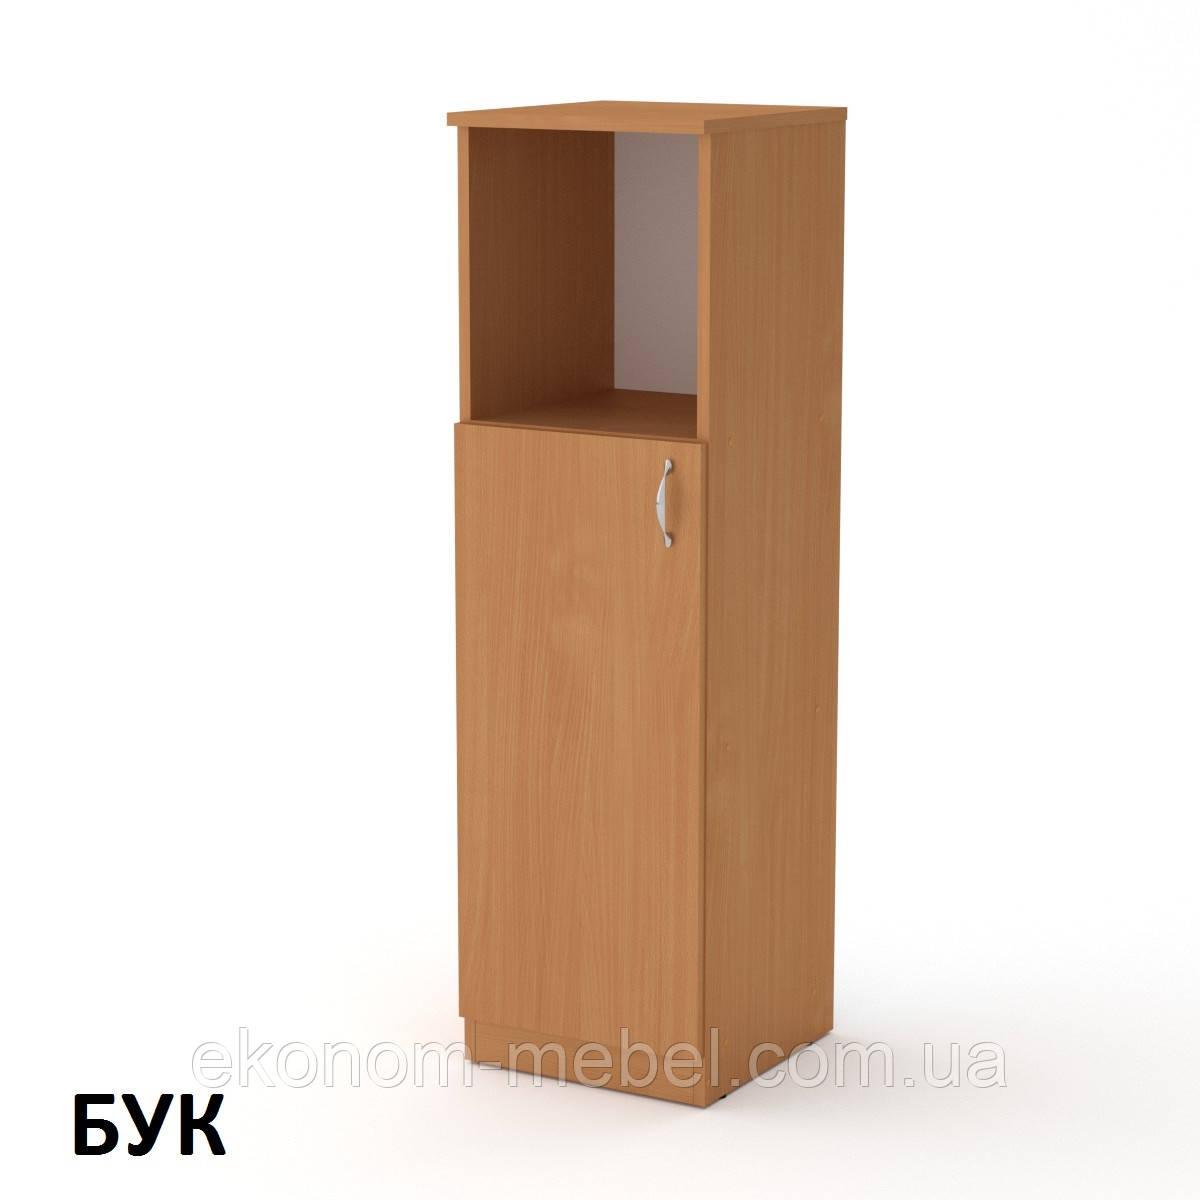 Узкая тумба КШ-16 для офиса и дома для документов и оргтехники